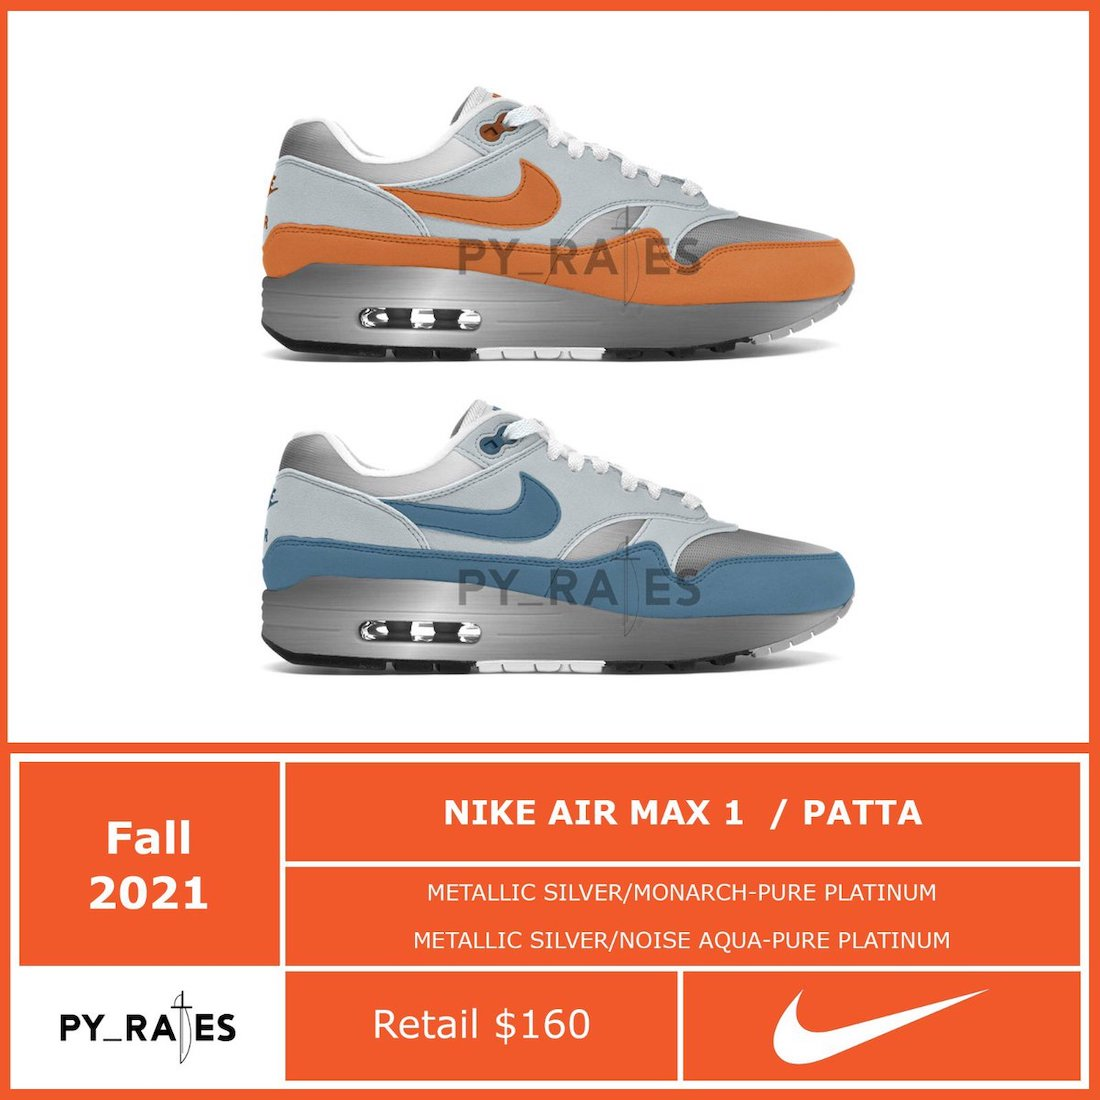 Patta Nike Air Max 1 Release Date Info